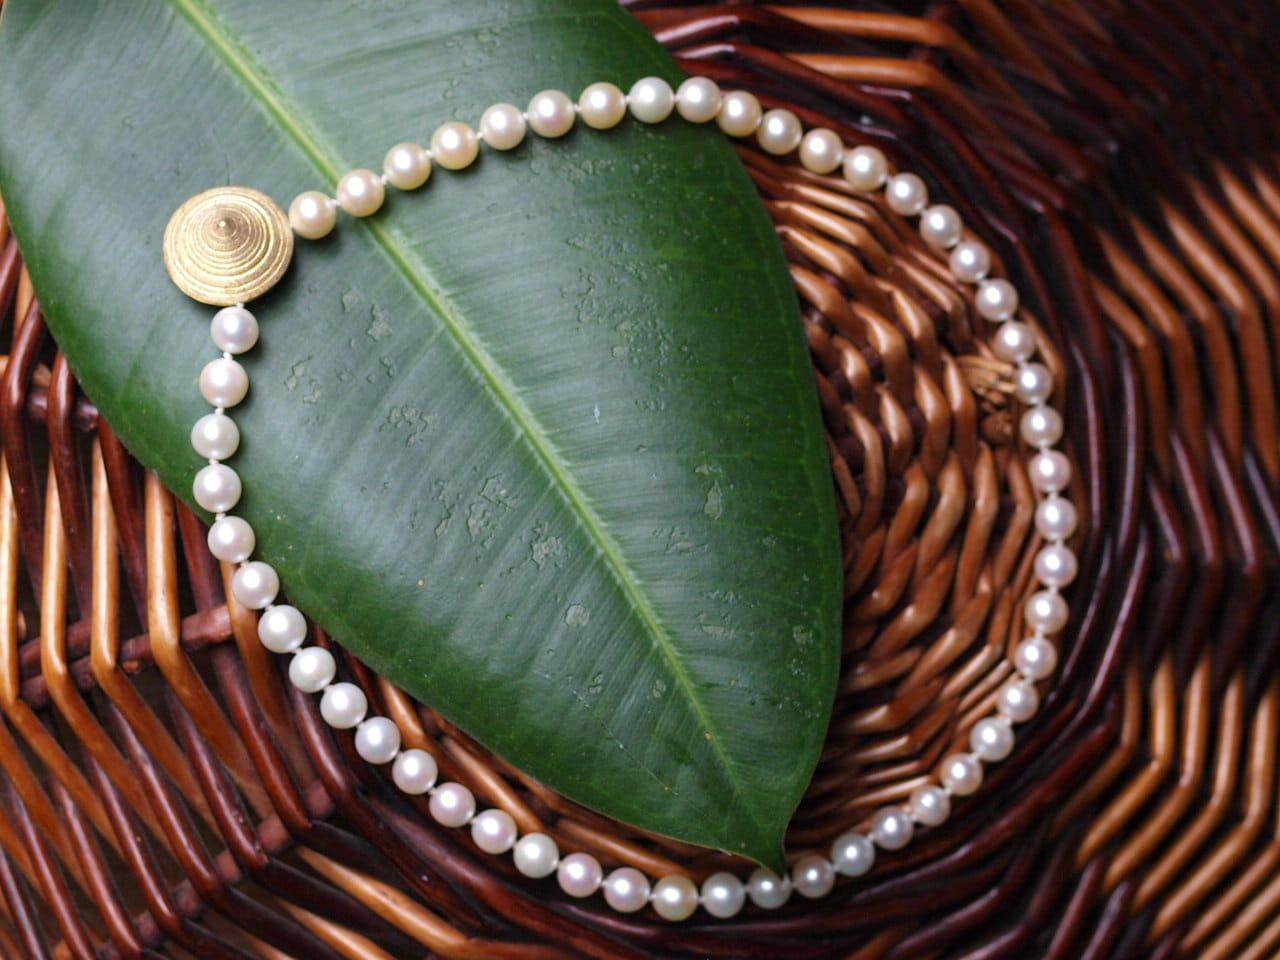 Kette Silber 925 vergoldet Perlkette Akoya Zuchtperlen Magnetverschluss